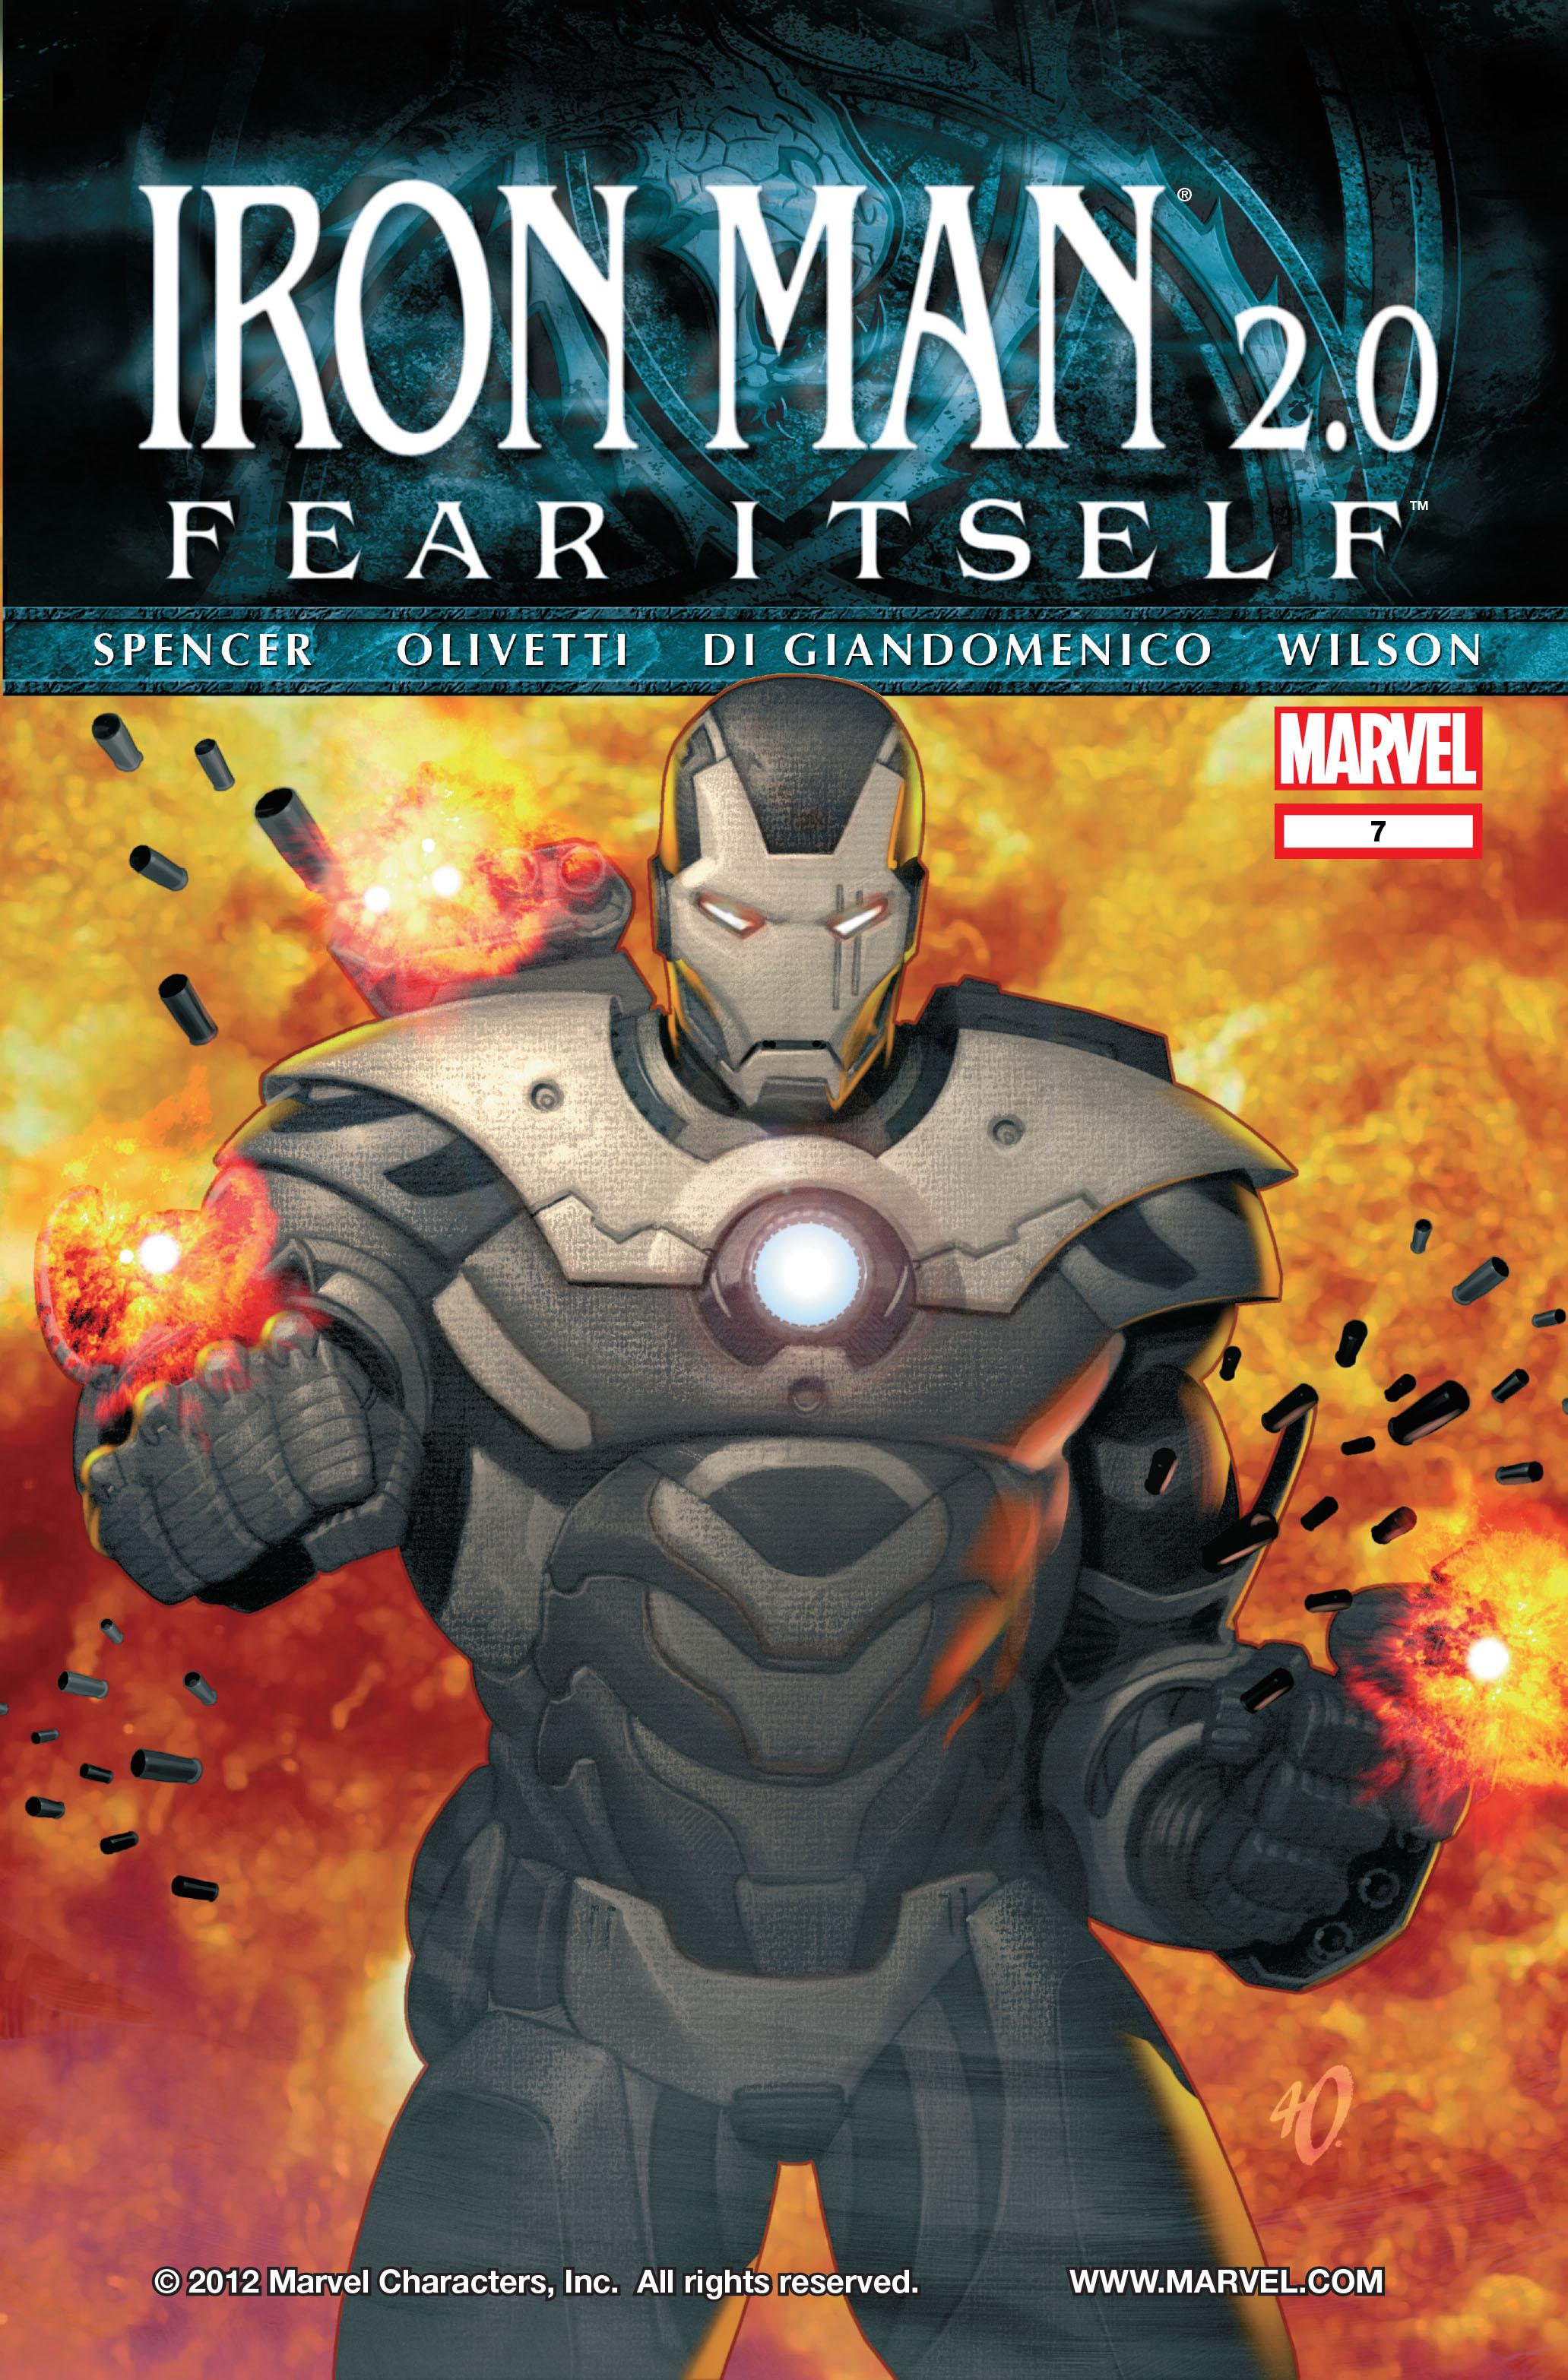 Iron Man 2.0 Vol 1 7